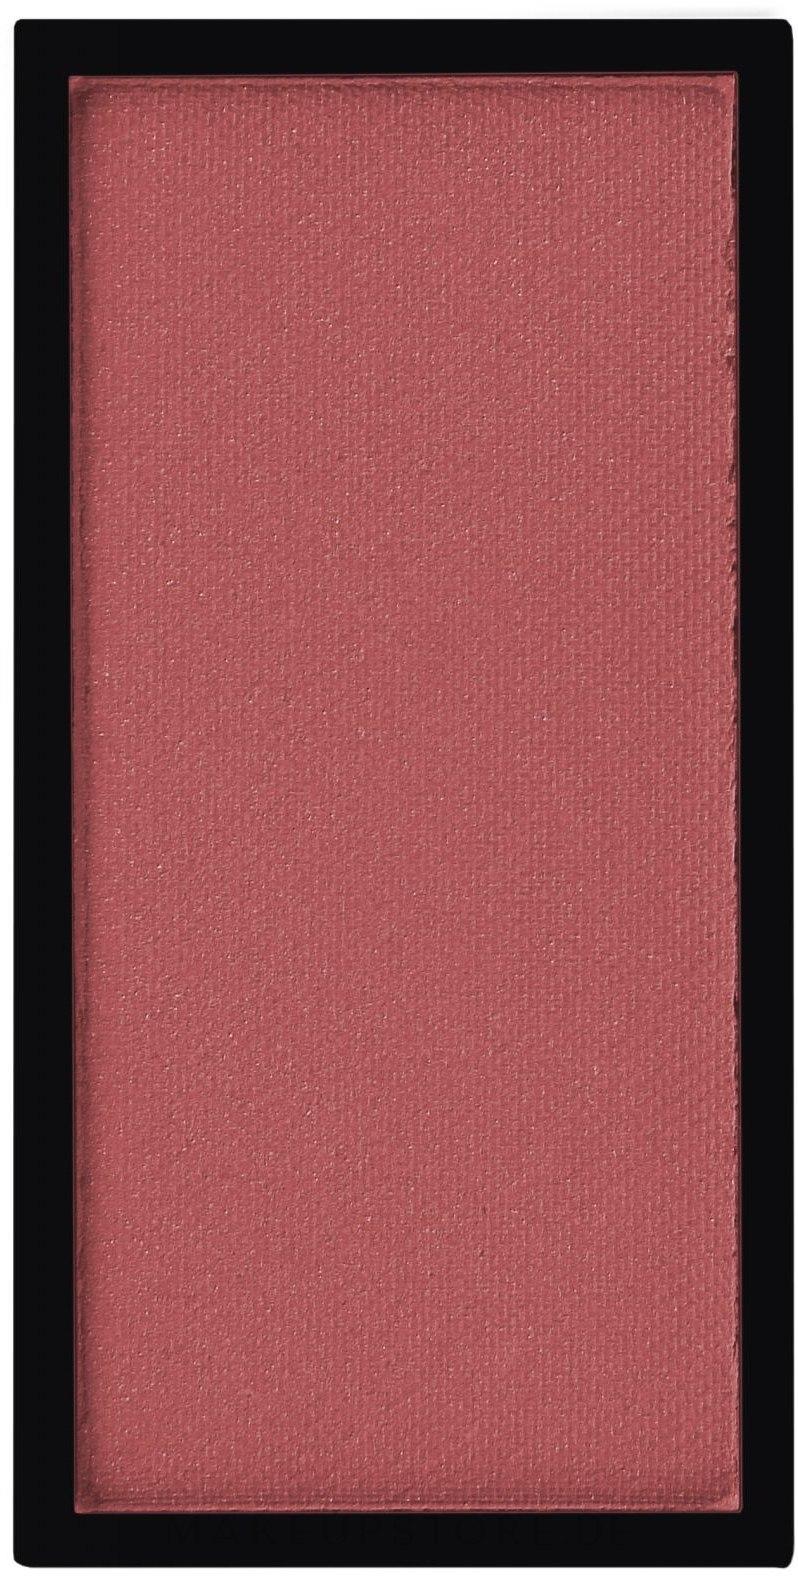 Kompakt-Rouge - Vipera Pressed Blush — Bild RR03 - Rococo